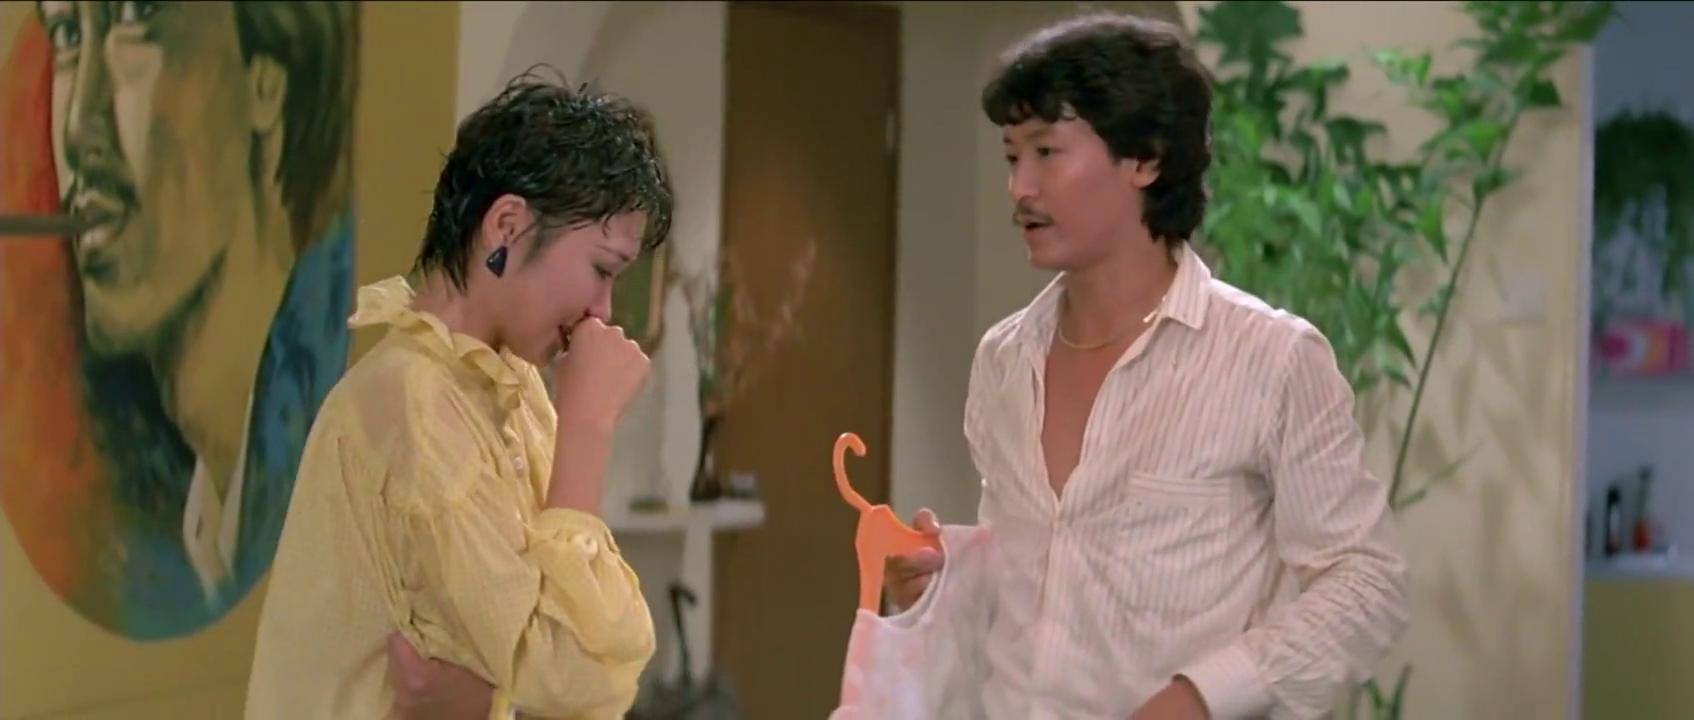 """佳人有约:陈勋奇与美女拼酒量,萧芳芳""""盯过我的蚊子都会醉"""""""